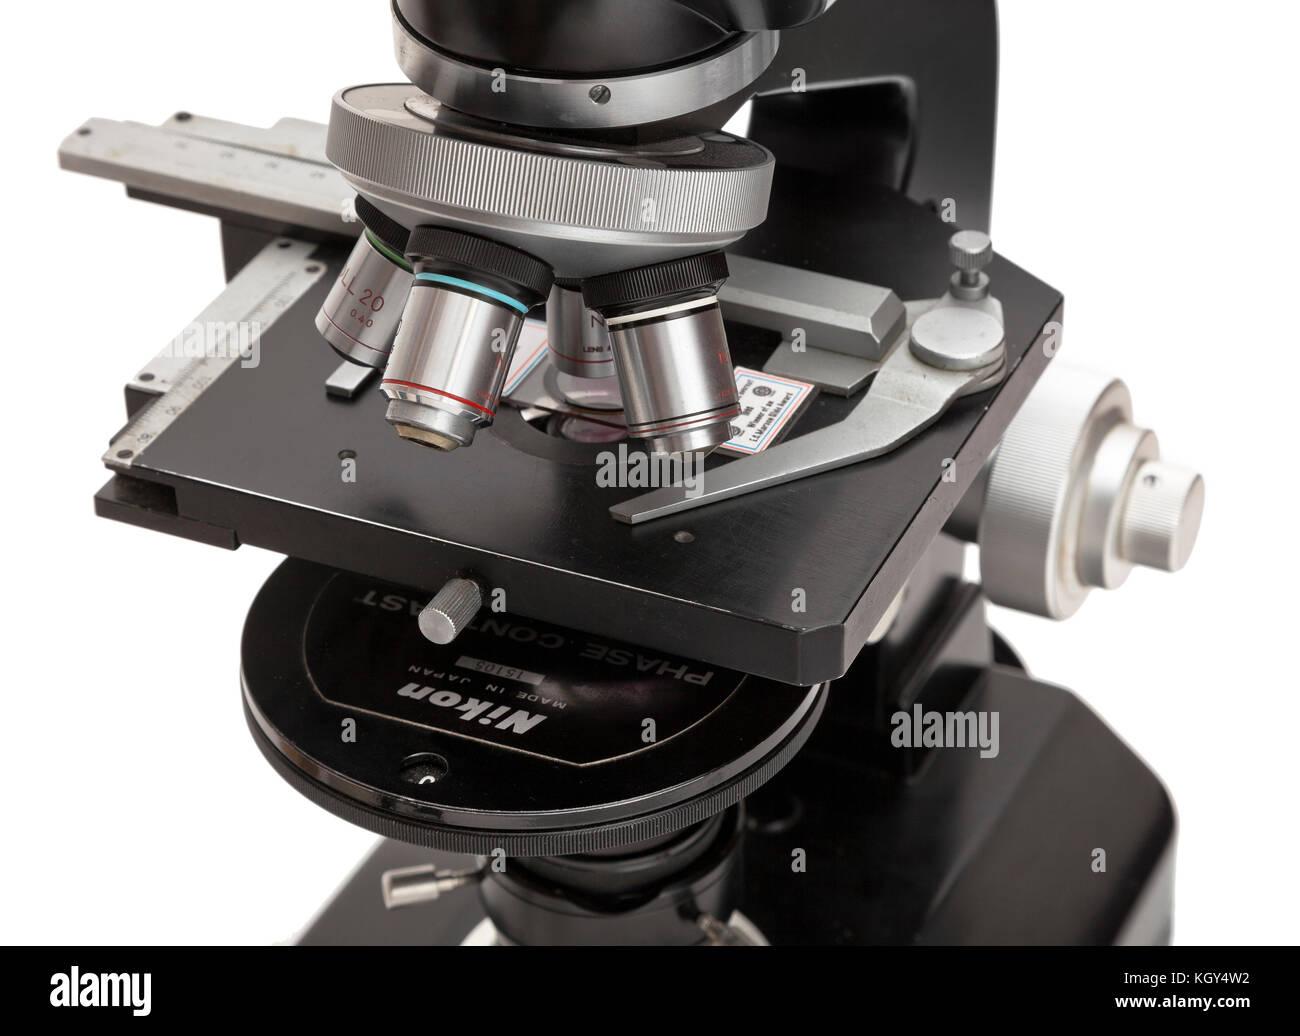 Vintage nikon zusammengesetzte mikroskop s mit phasenkontrast